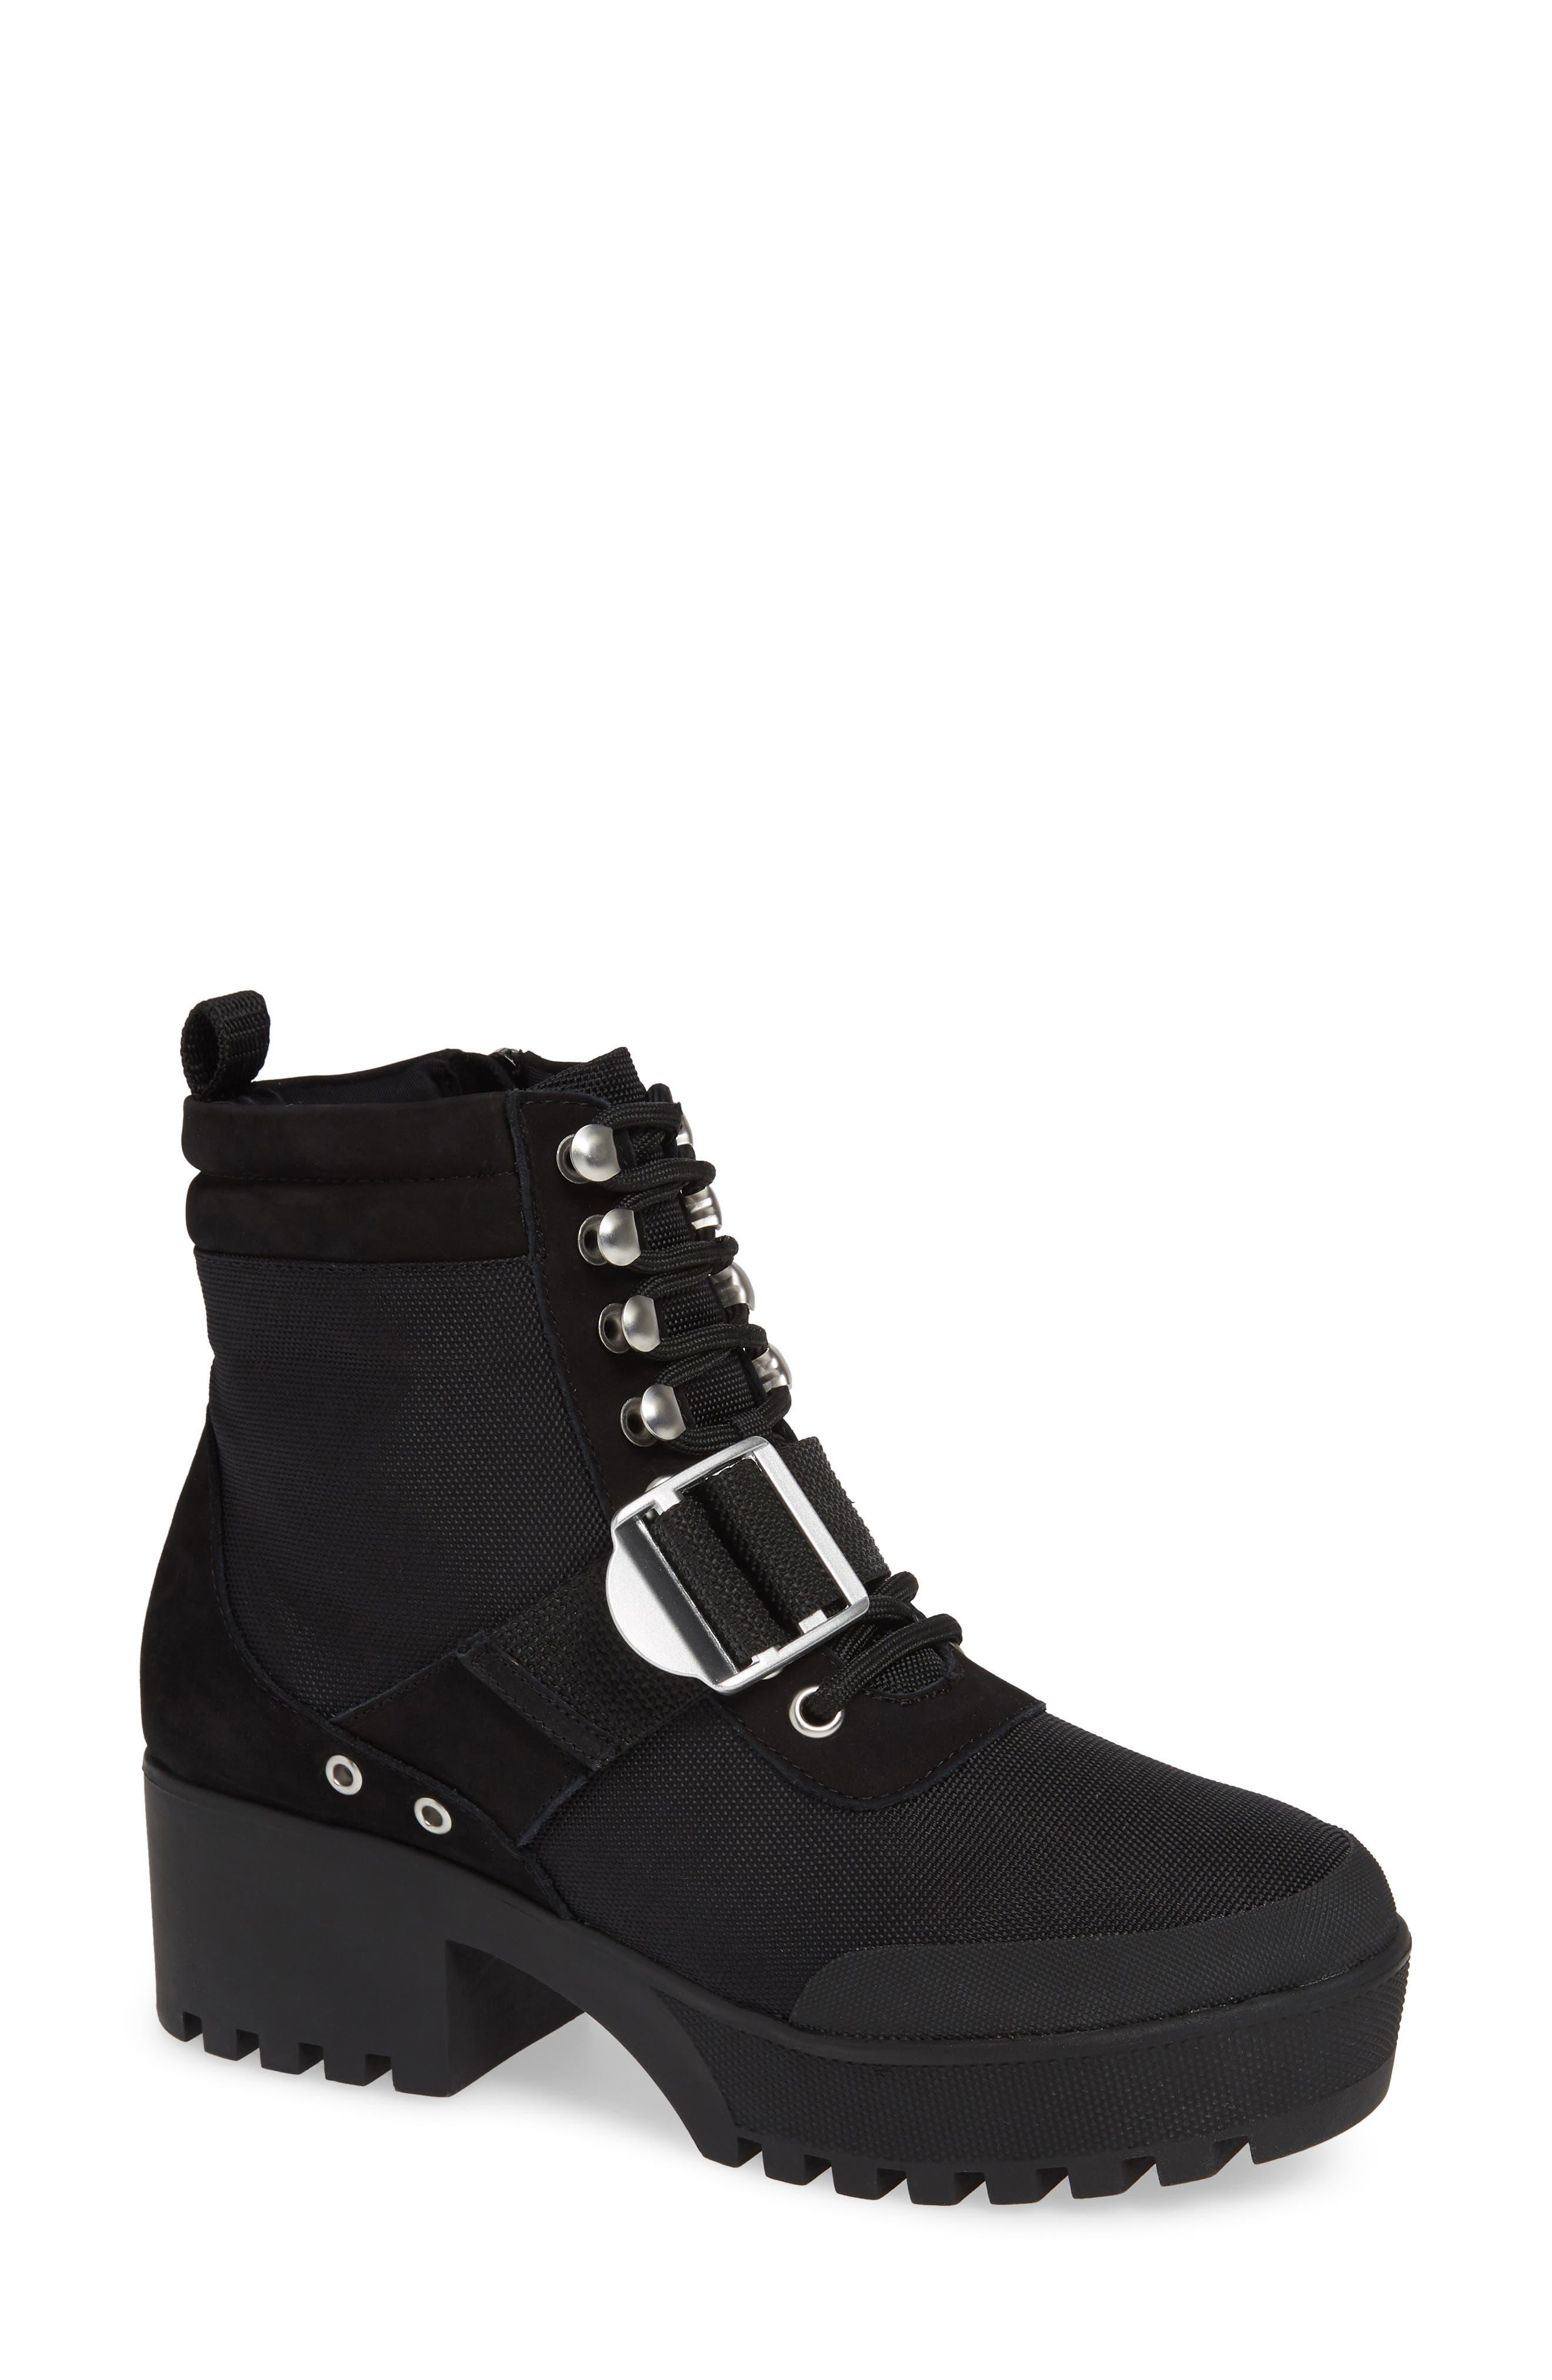 8360d0a3e9d Women s Steve Madden Boots